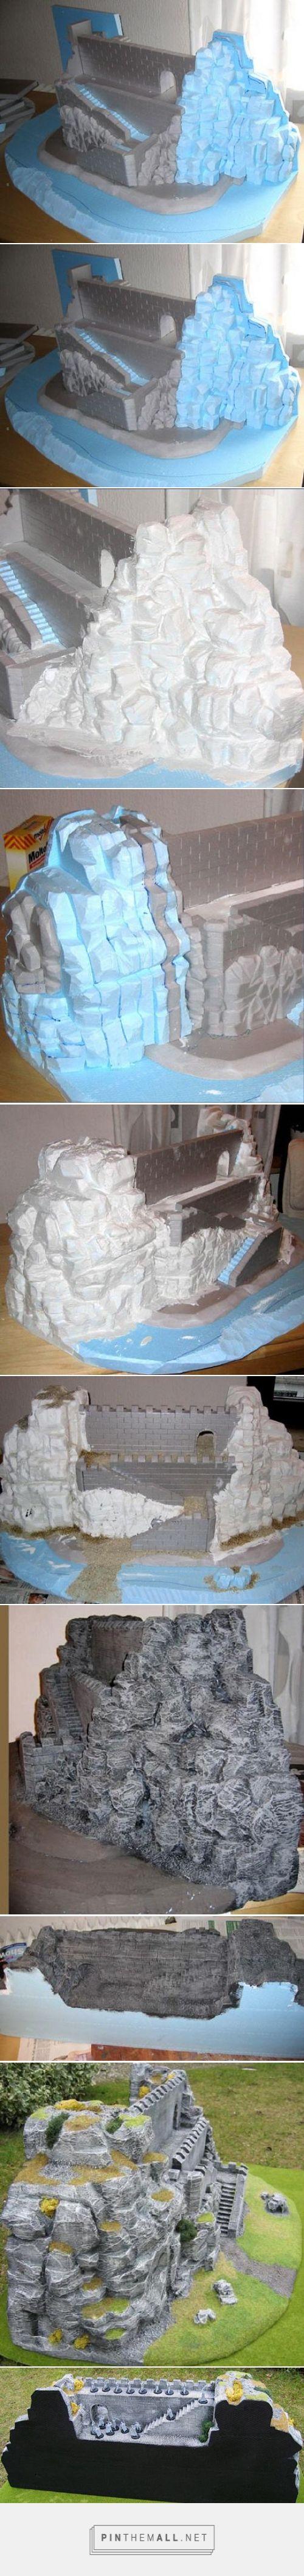 Tutorial: eine Bergfestung aus Styrodur | Gidian Gelände - created via http://pinthemall.net